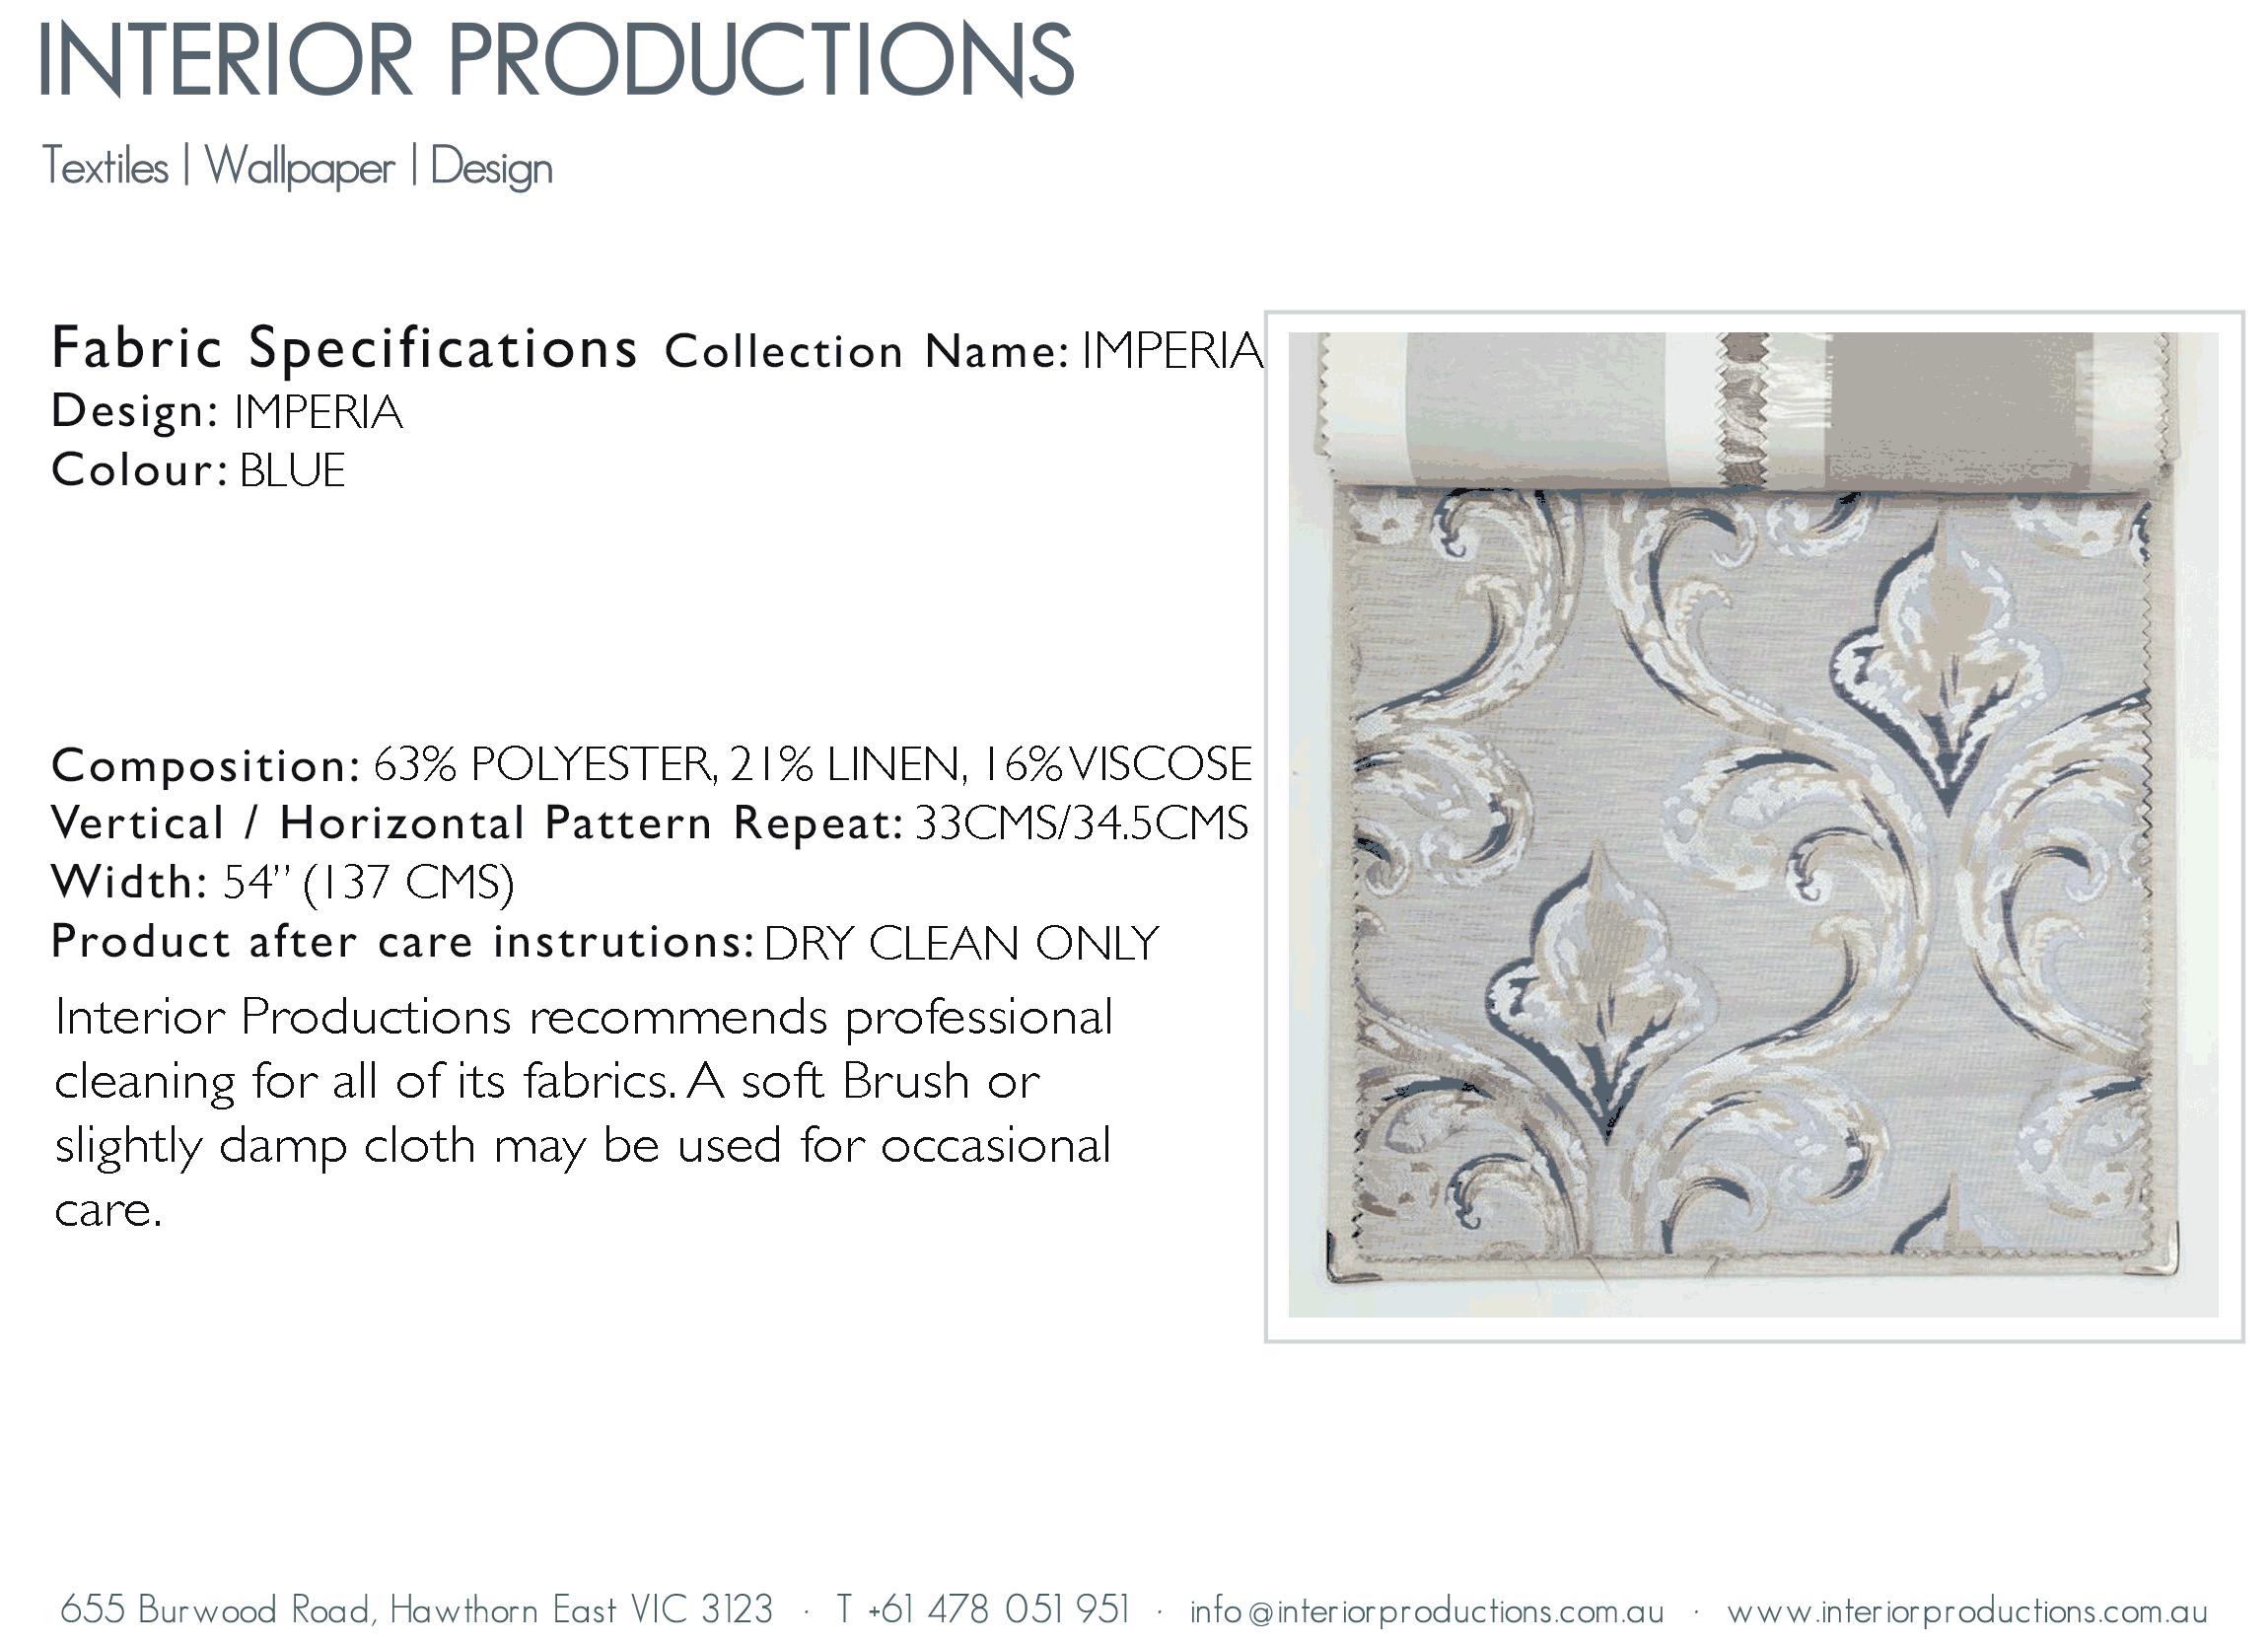 interior_productions_IMPERIA---BLUE